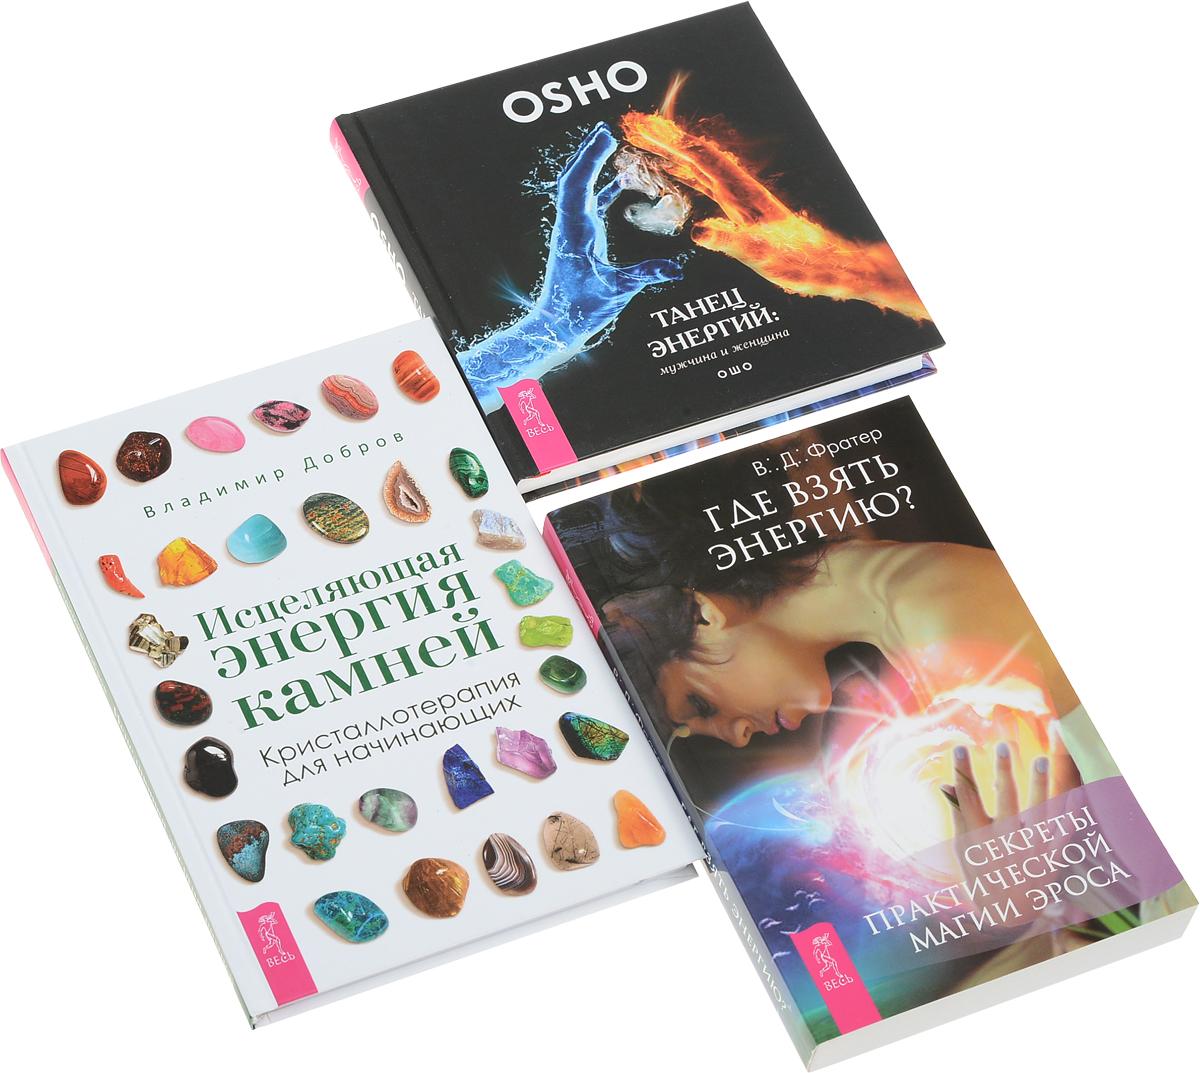 Где взять энергию. Танец энергий. Исцеляющая энергия (комплект из 3 книг).